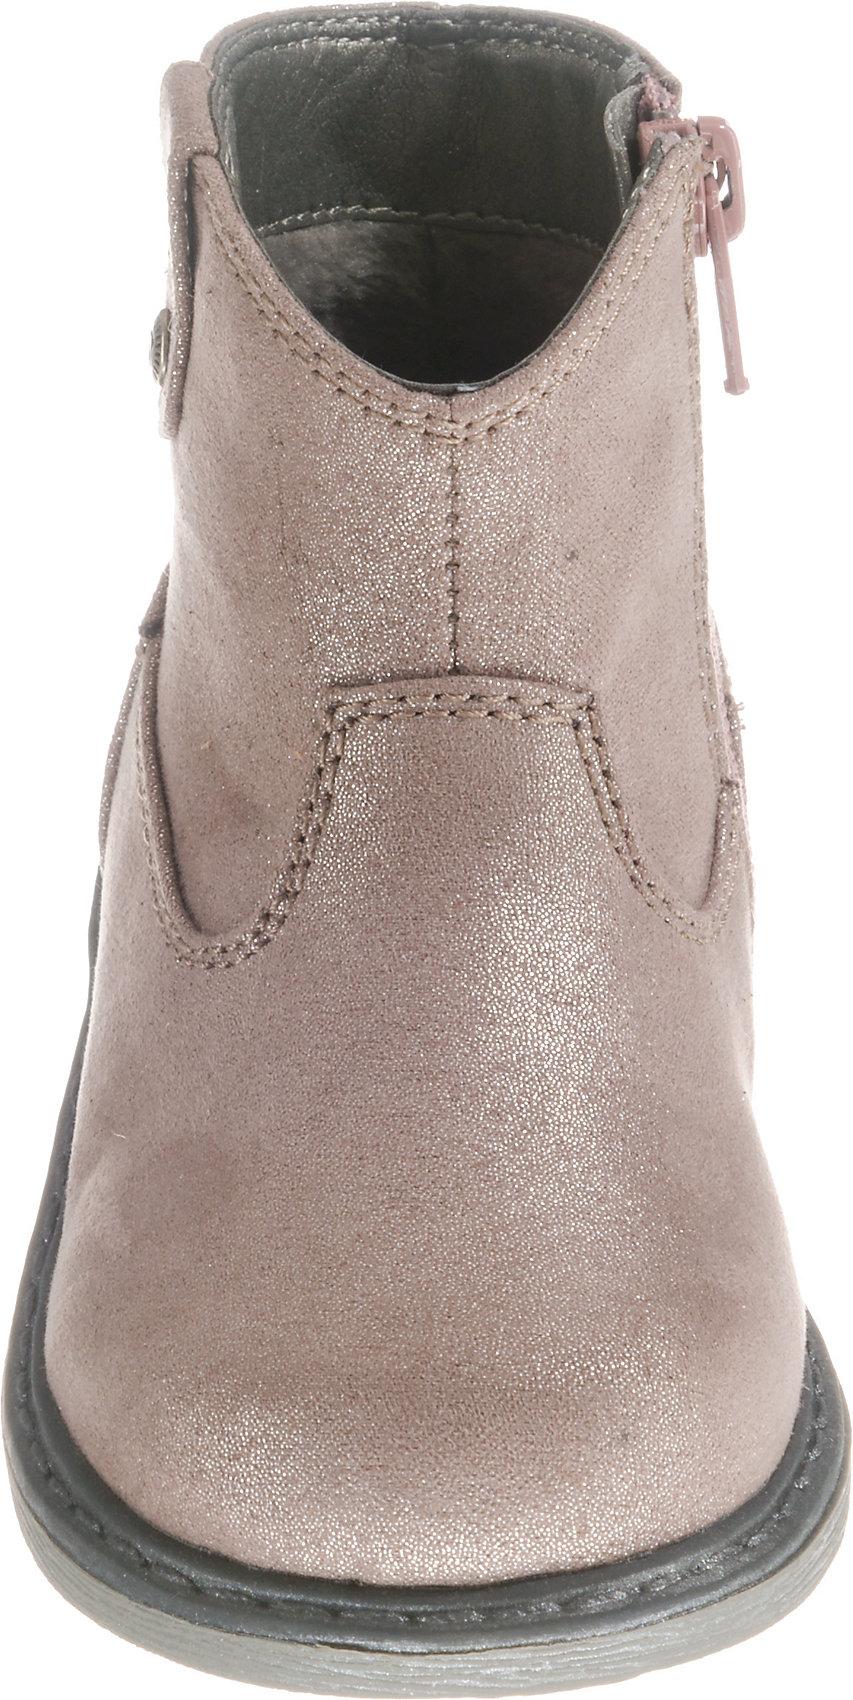 Neu SPROX Baby Stiefel für Mädchen 8431348 für Mädchen taupe